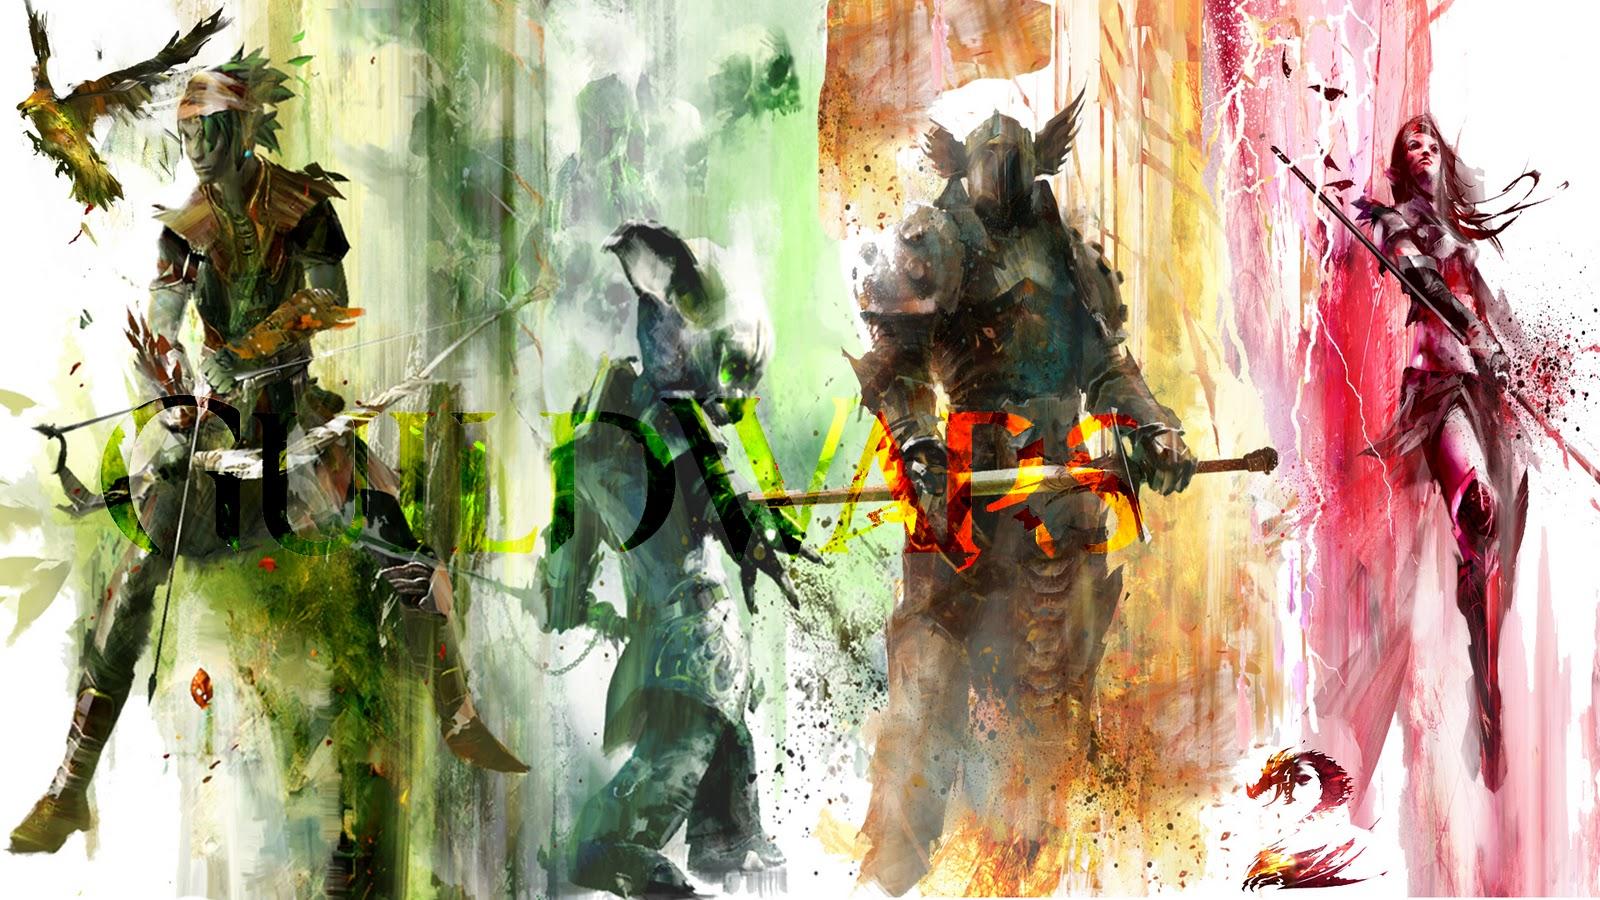 http://3.bp.blogspot.com/_nw5usl_lKrI/TRRT27DzVNI/AAAAAAAAAAs/tkRob7MRD6g/s1600/Guild+Wars+2+Wallpaper+Characters+4.jpg